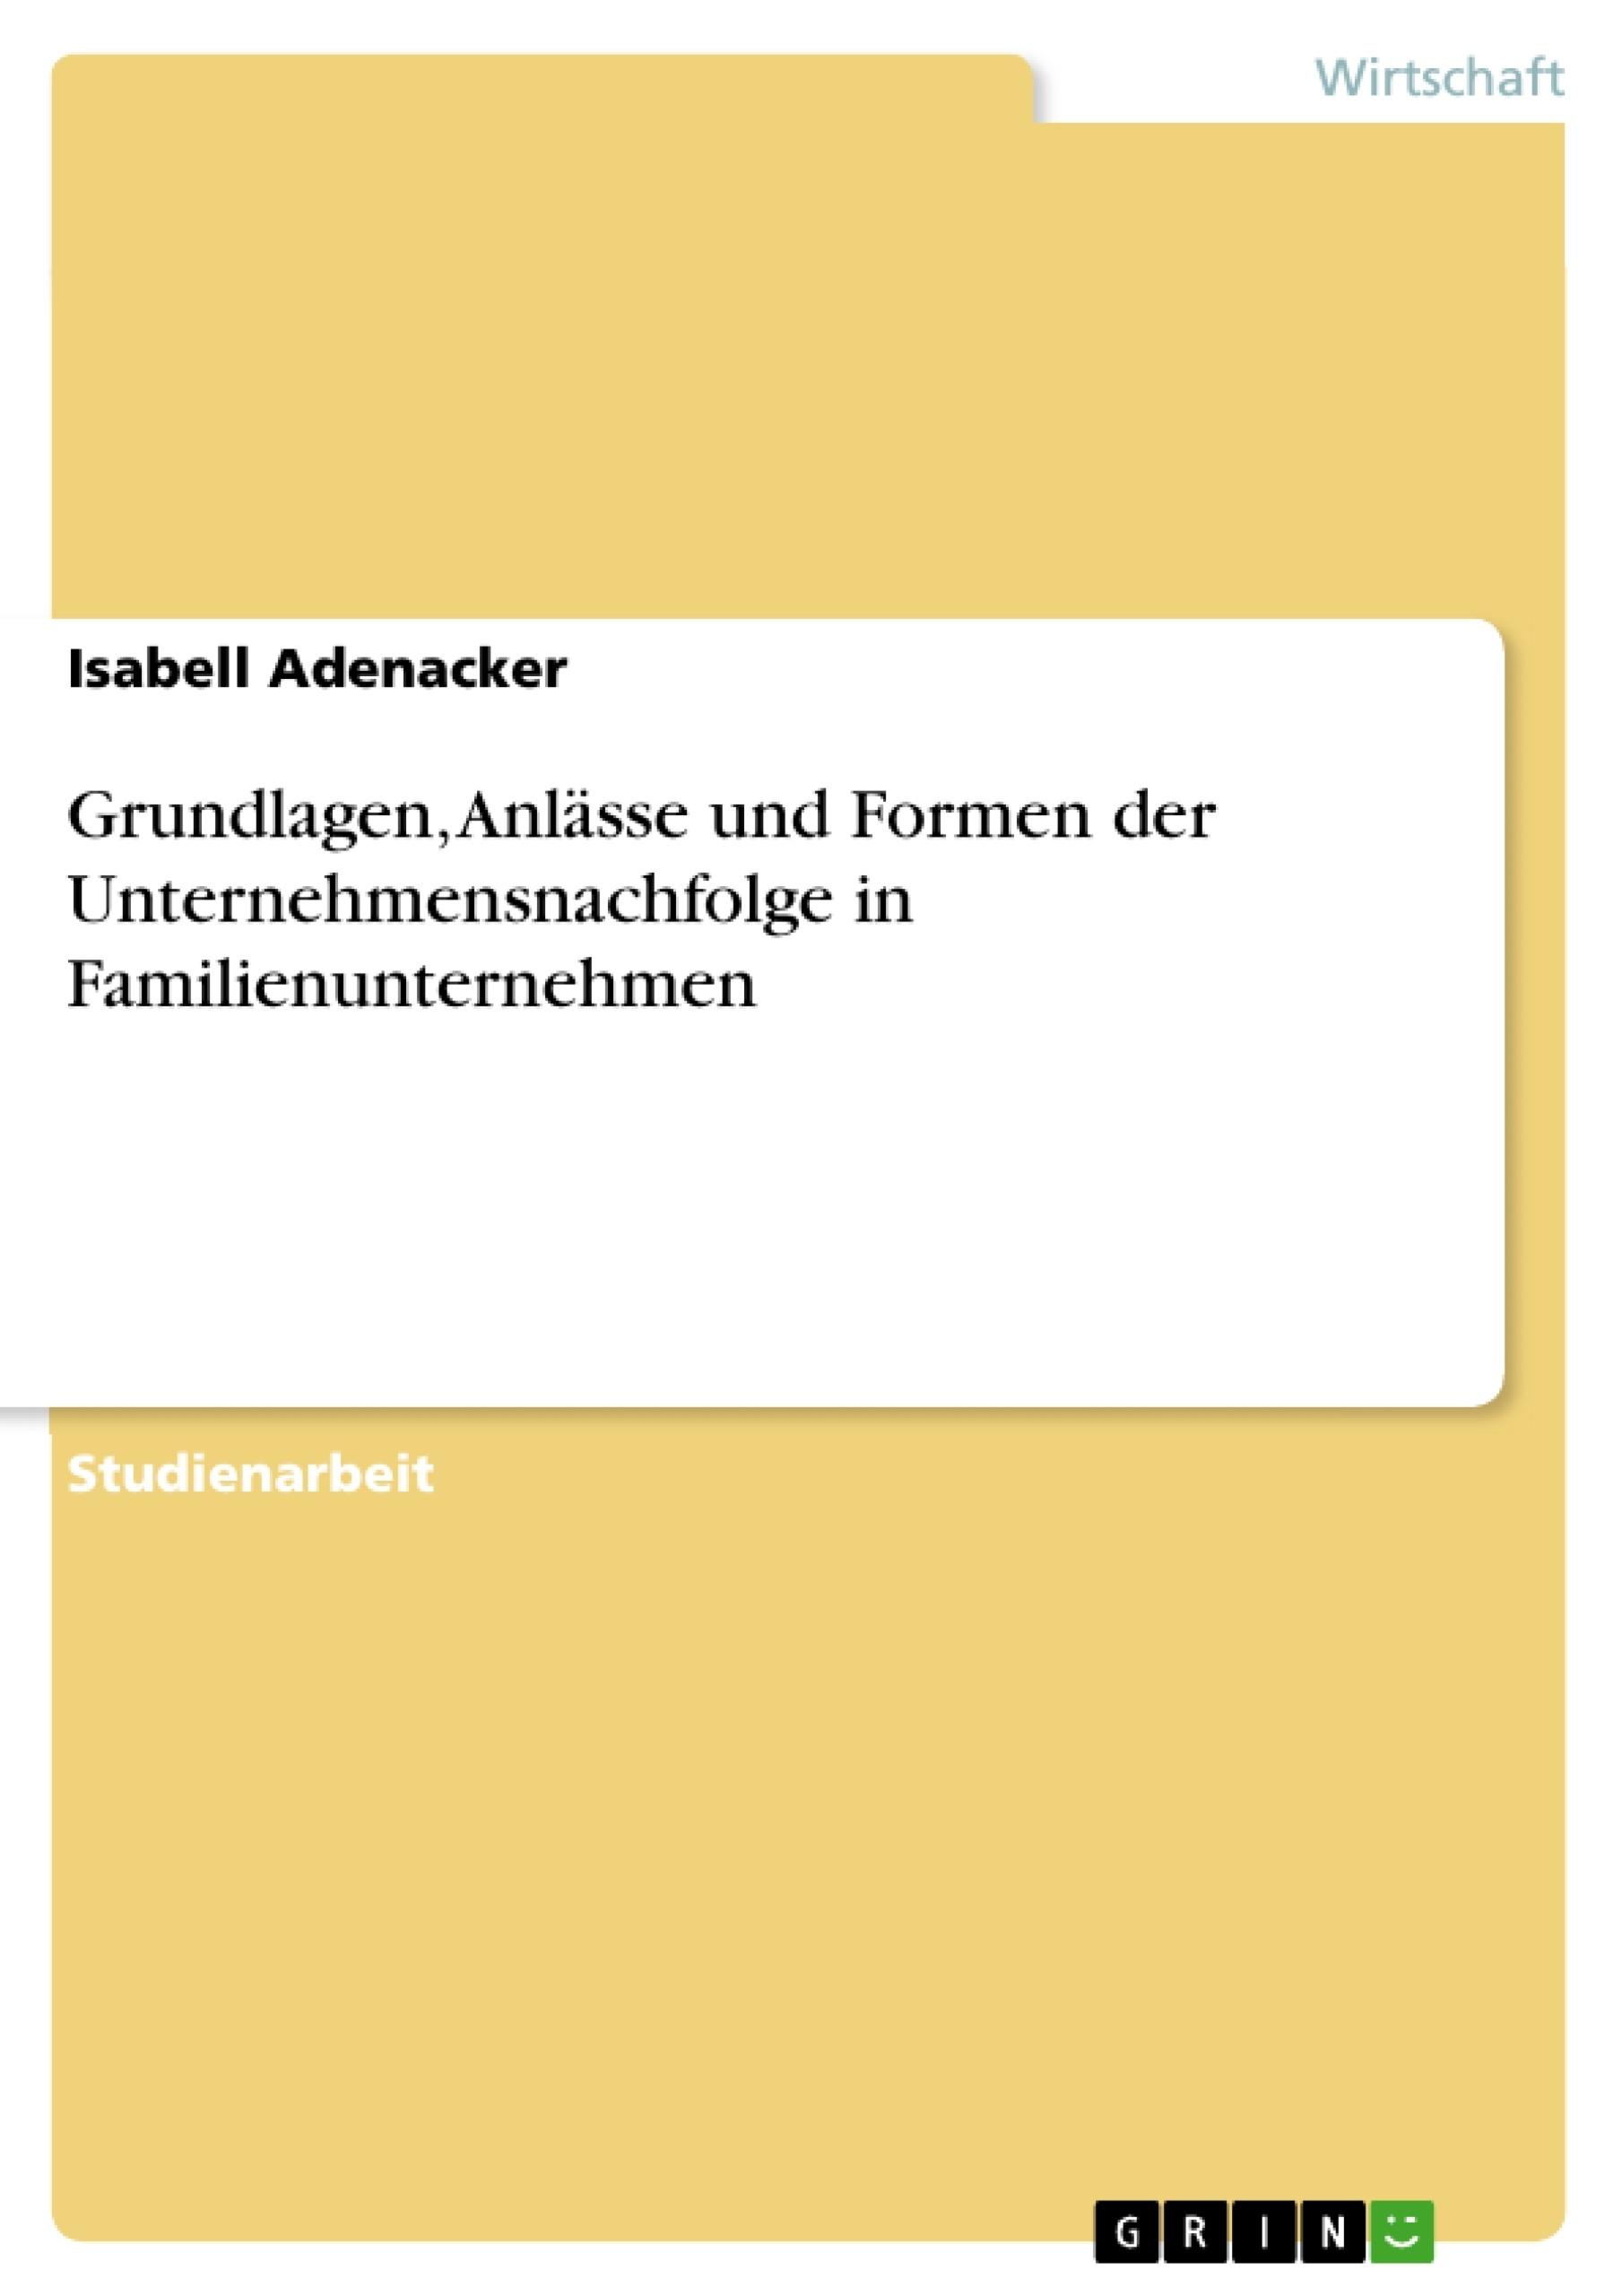 Titel: Grundlagen, Anlässe und Formen der Unternehmensnachfolge in Familienunternehmen